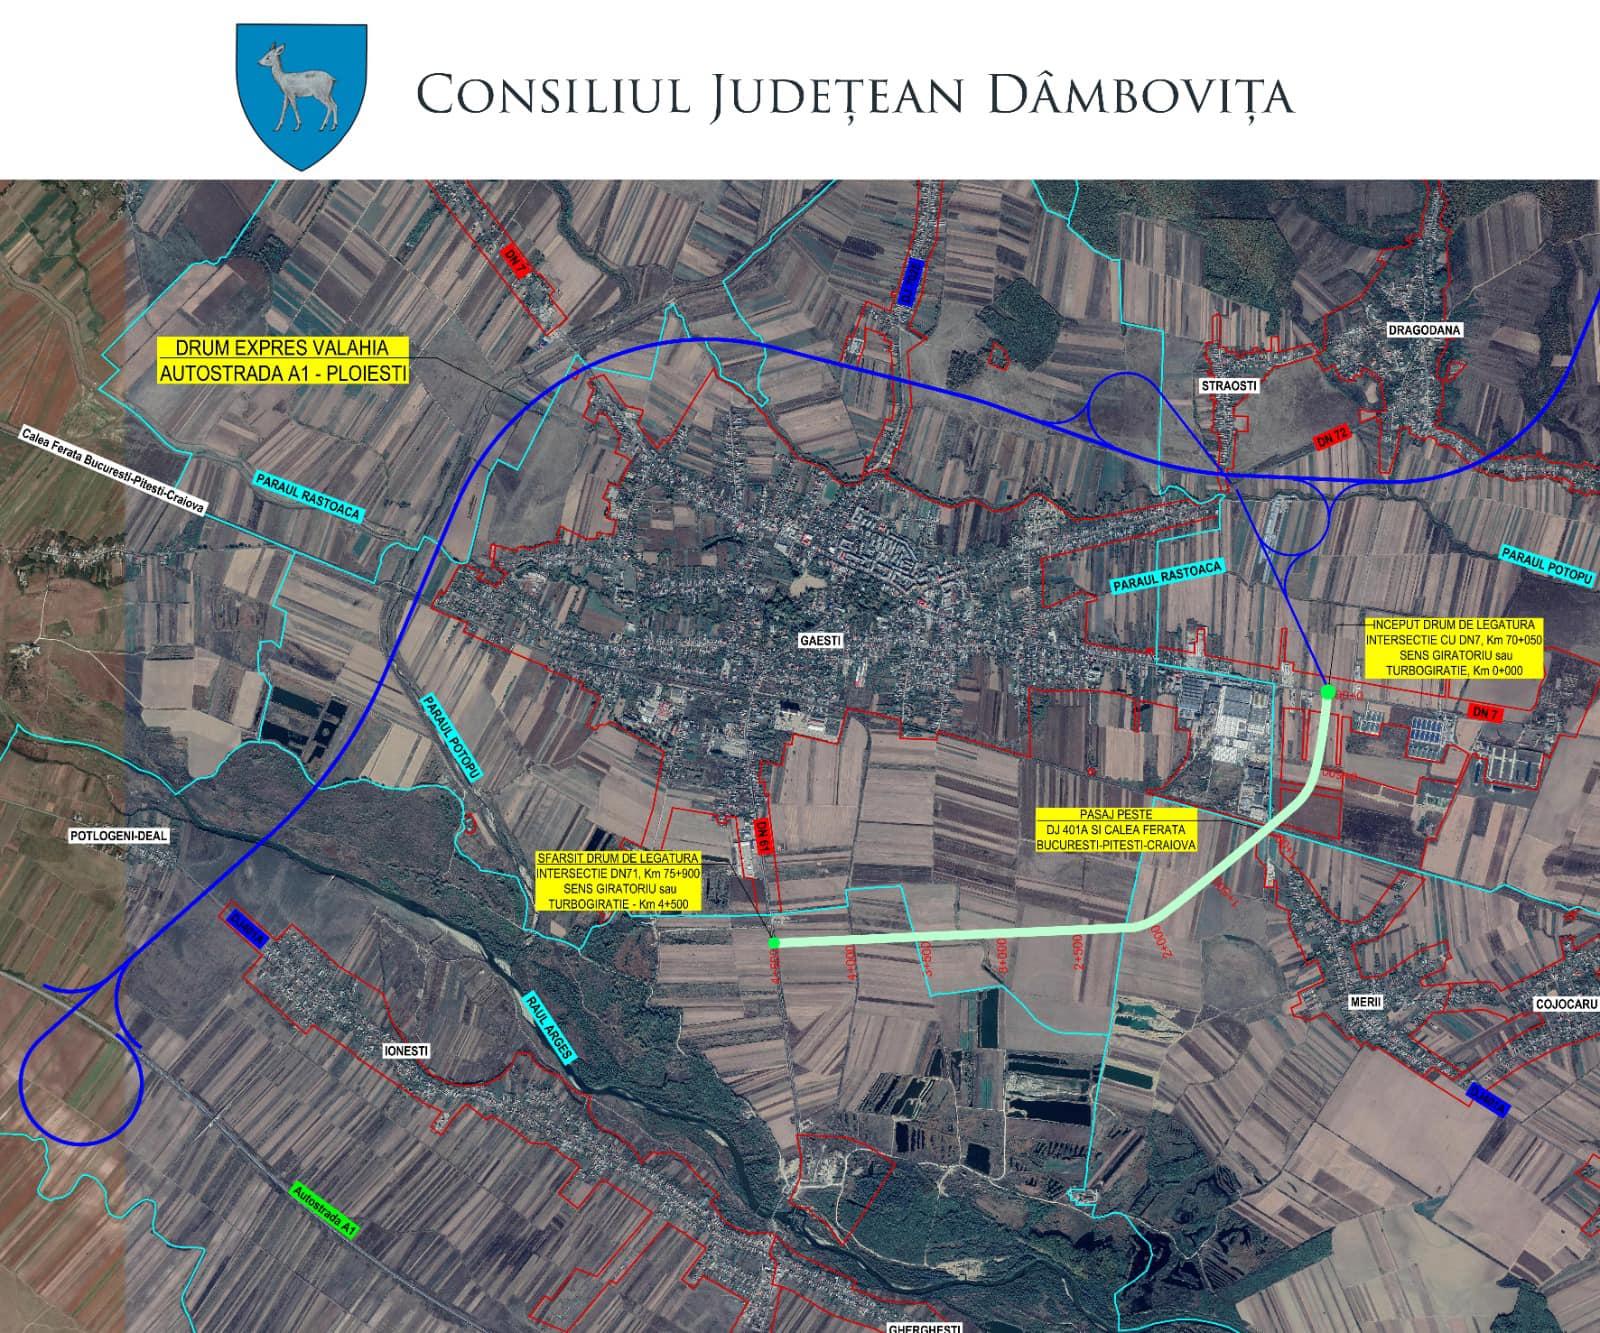 https://www.cjd.ro/storage/comunicate-de-presa/10-08-2021/4944/drumul-de-legatura-pentru-cresterea-accesibilitatii-in-zona-urbana-a-orasului-gaesti-a-primit-aviz-favorabil-din-partea-cnair-3.jpg